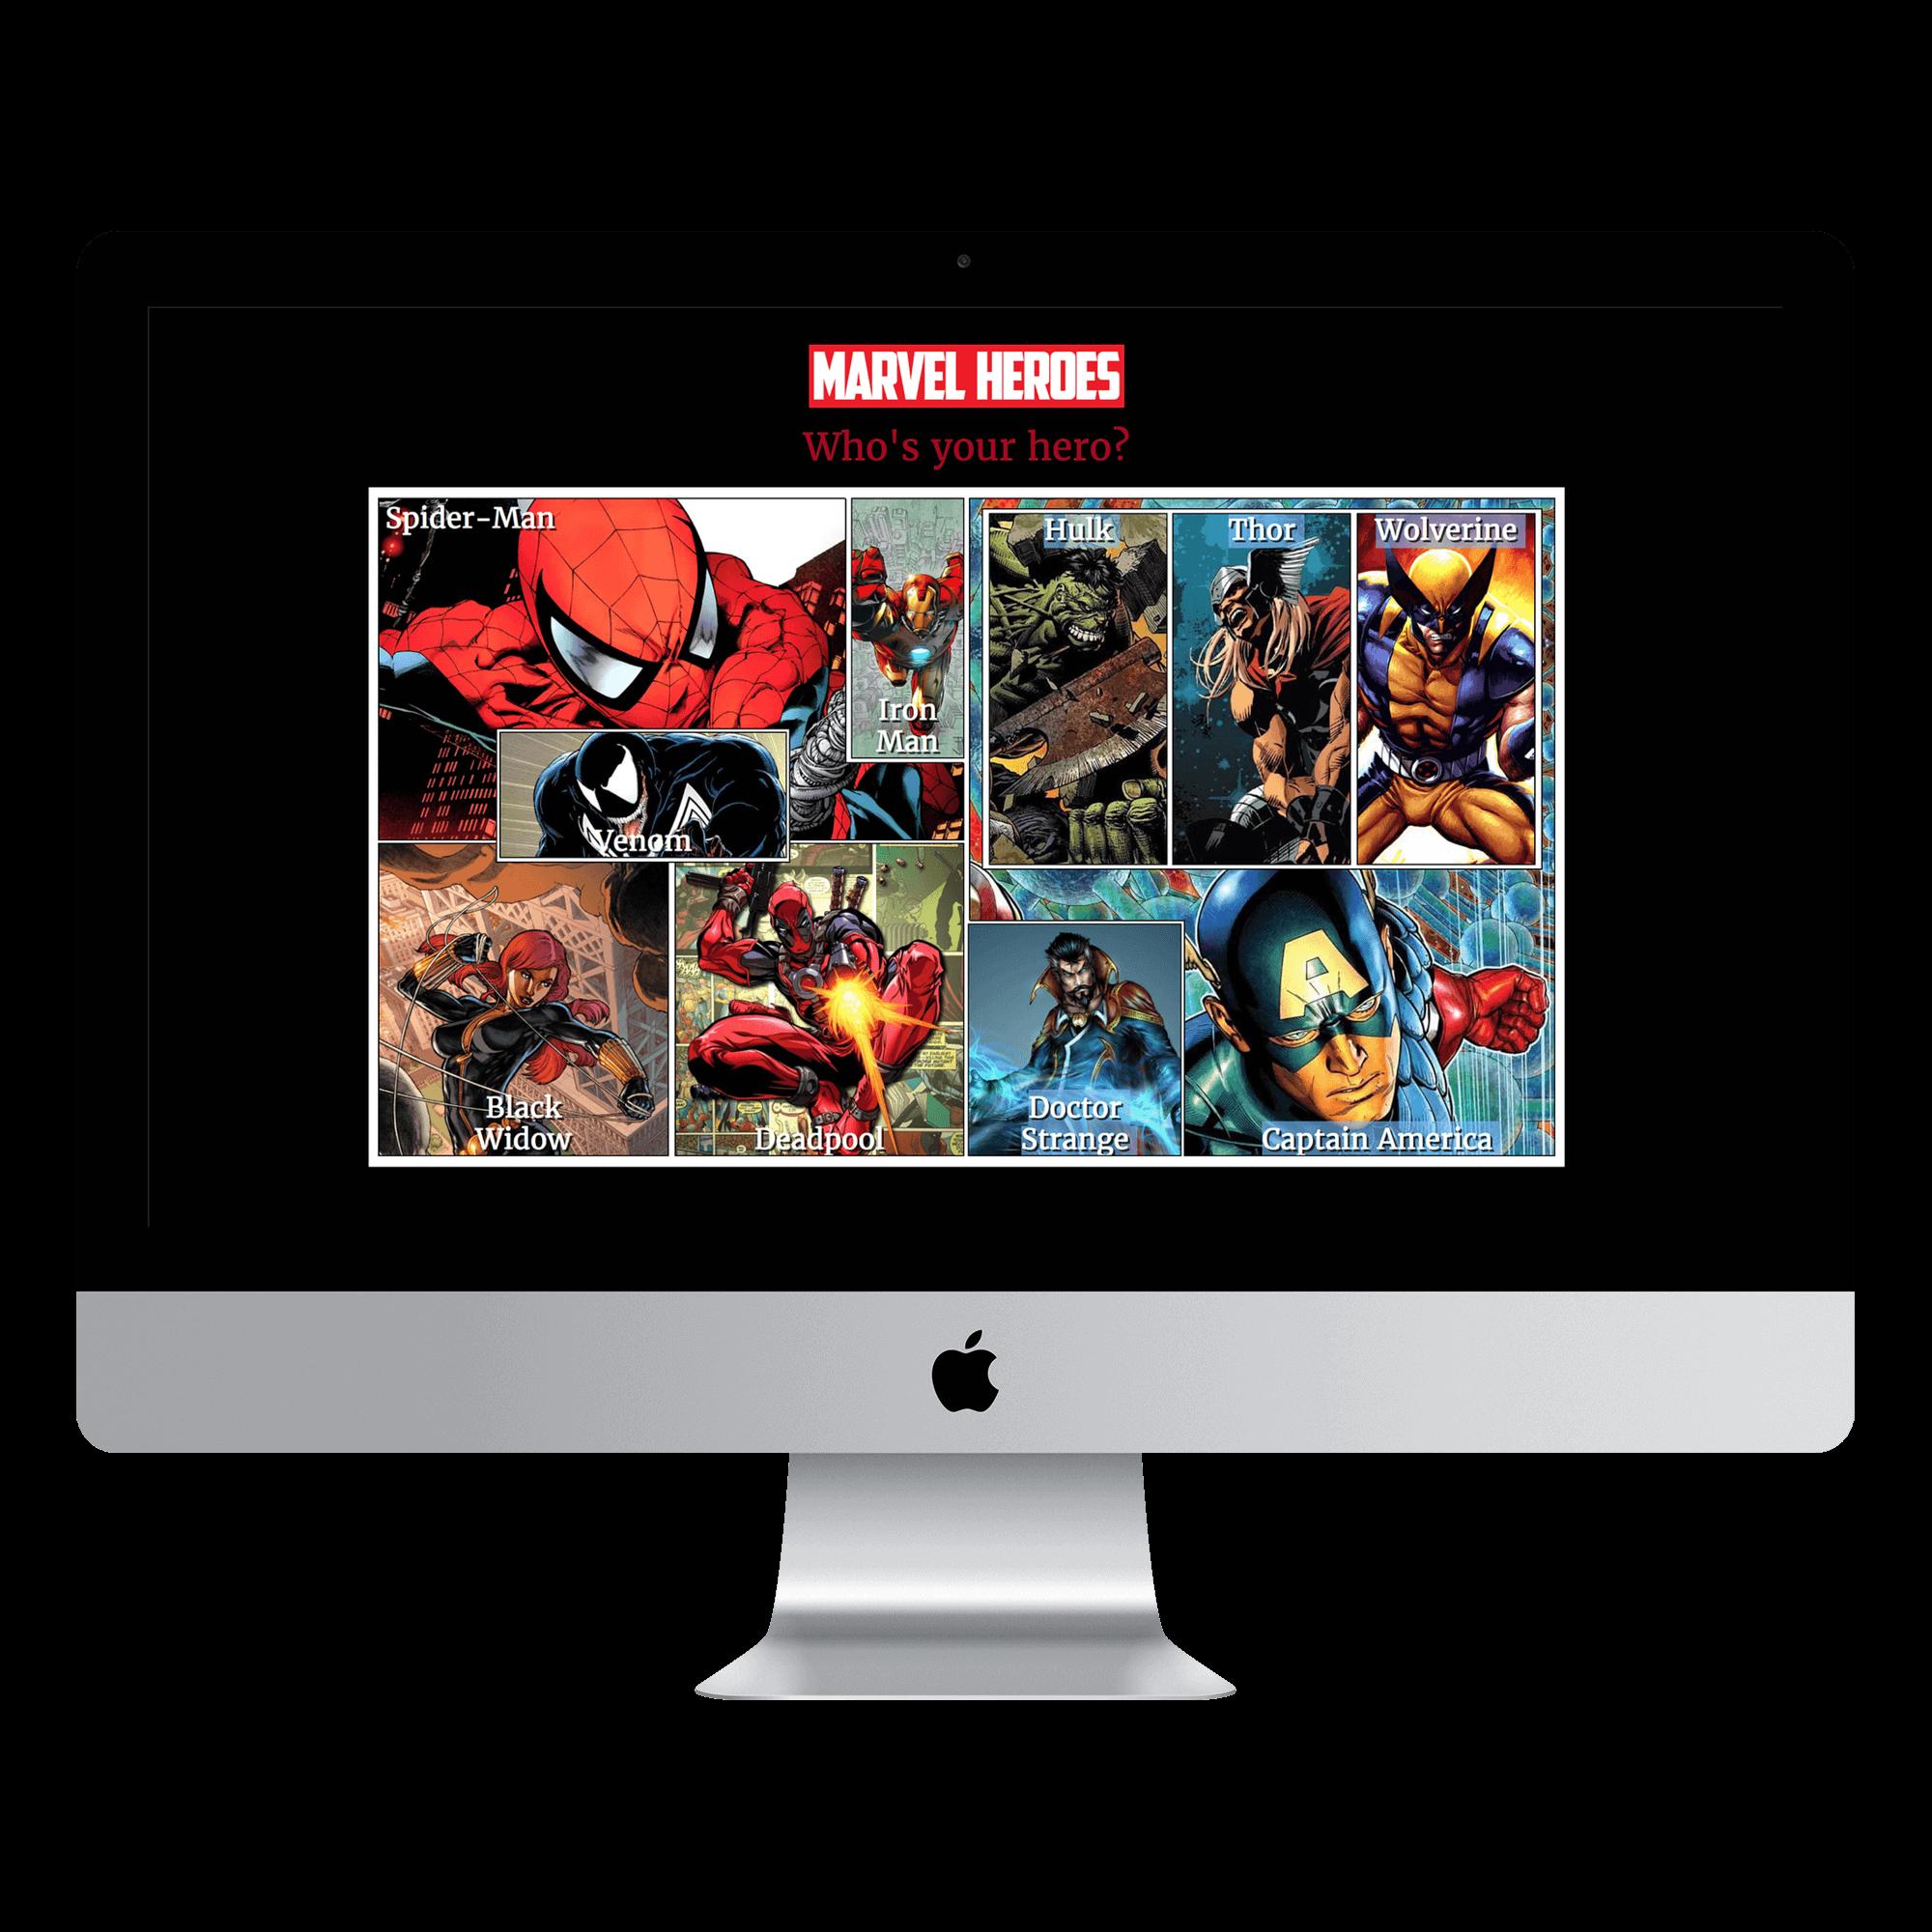 marvel heroes website is shown on macbook